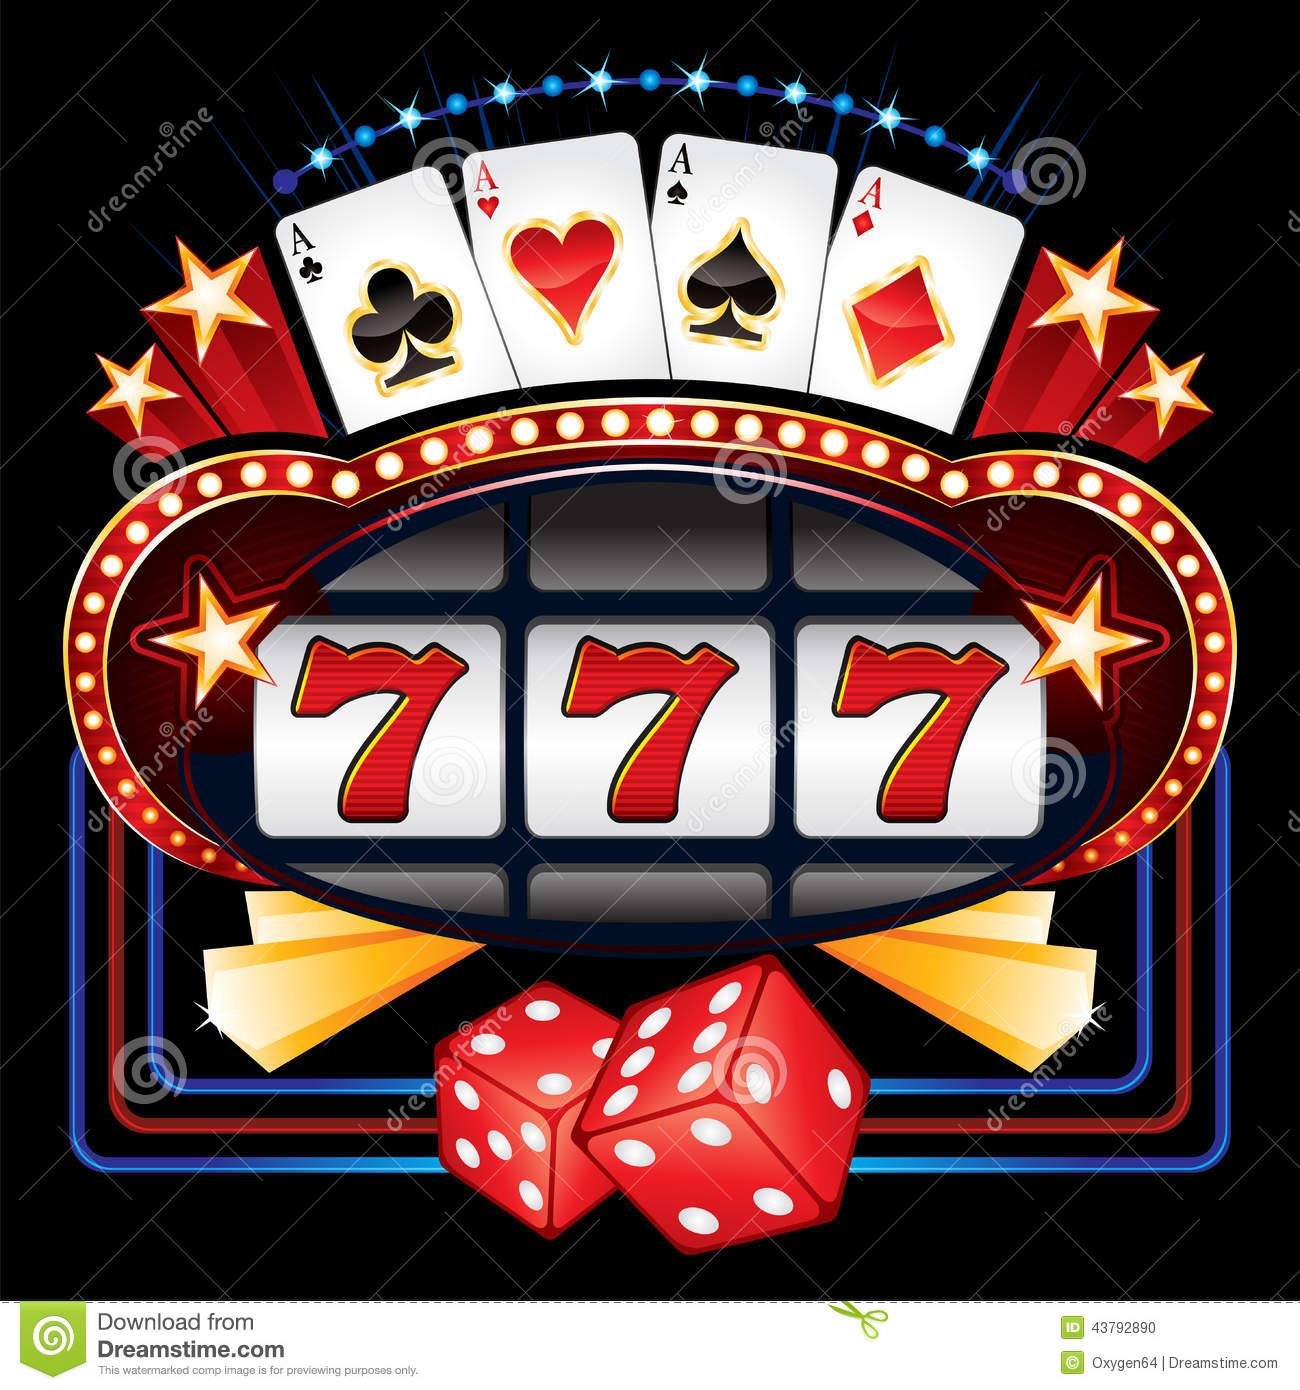 Casino en ligne : S'amuser grâce à des stratégies